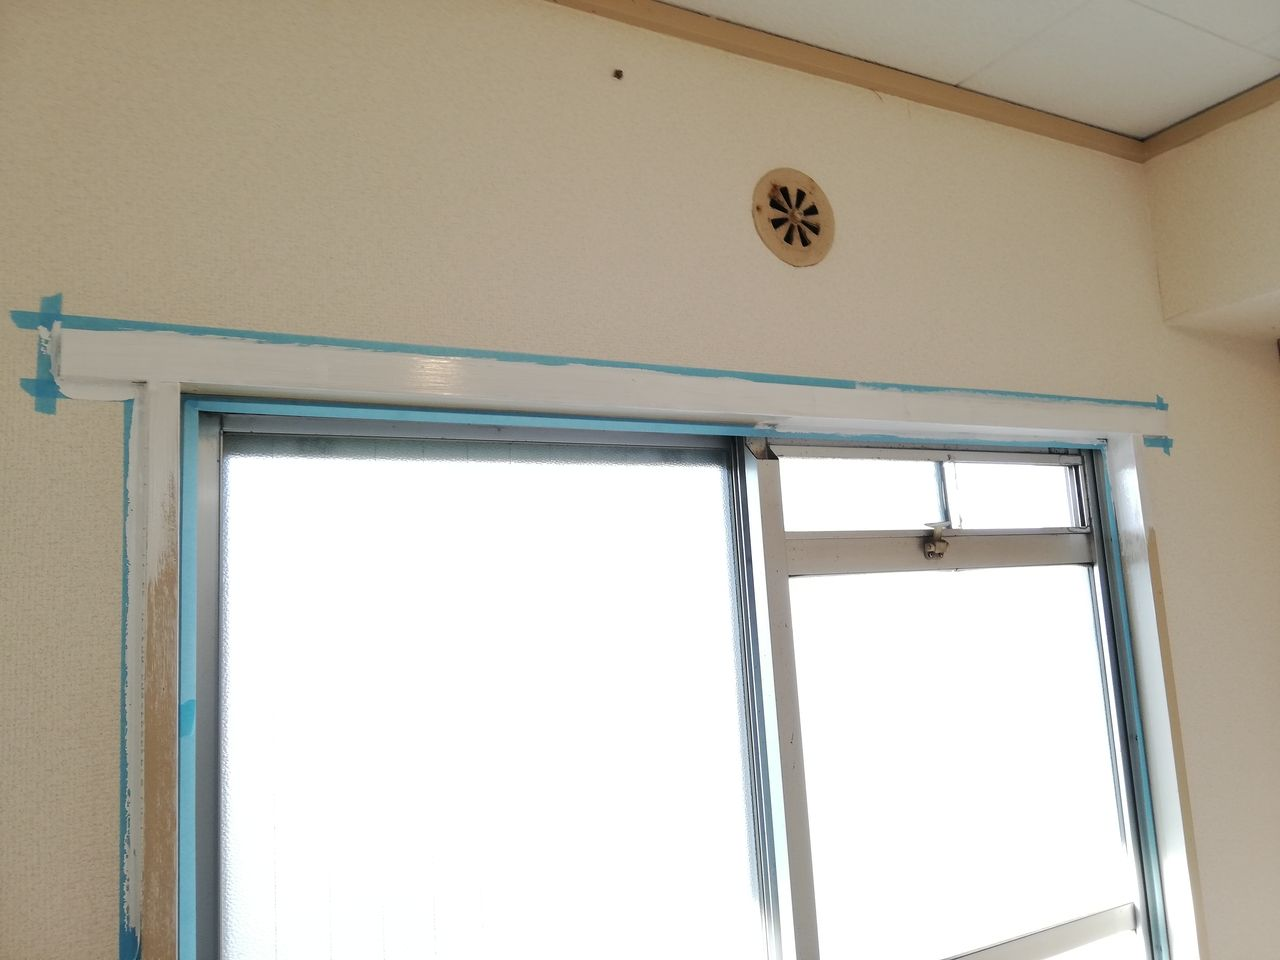 みなさまこんにちは。前回の【ブログ】の続きです。窓周りの枠をペンキで白く塗っていきます。